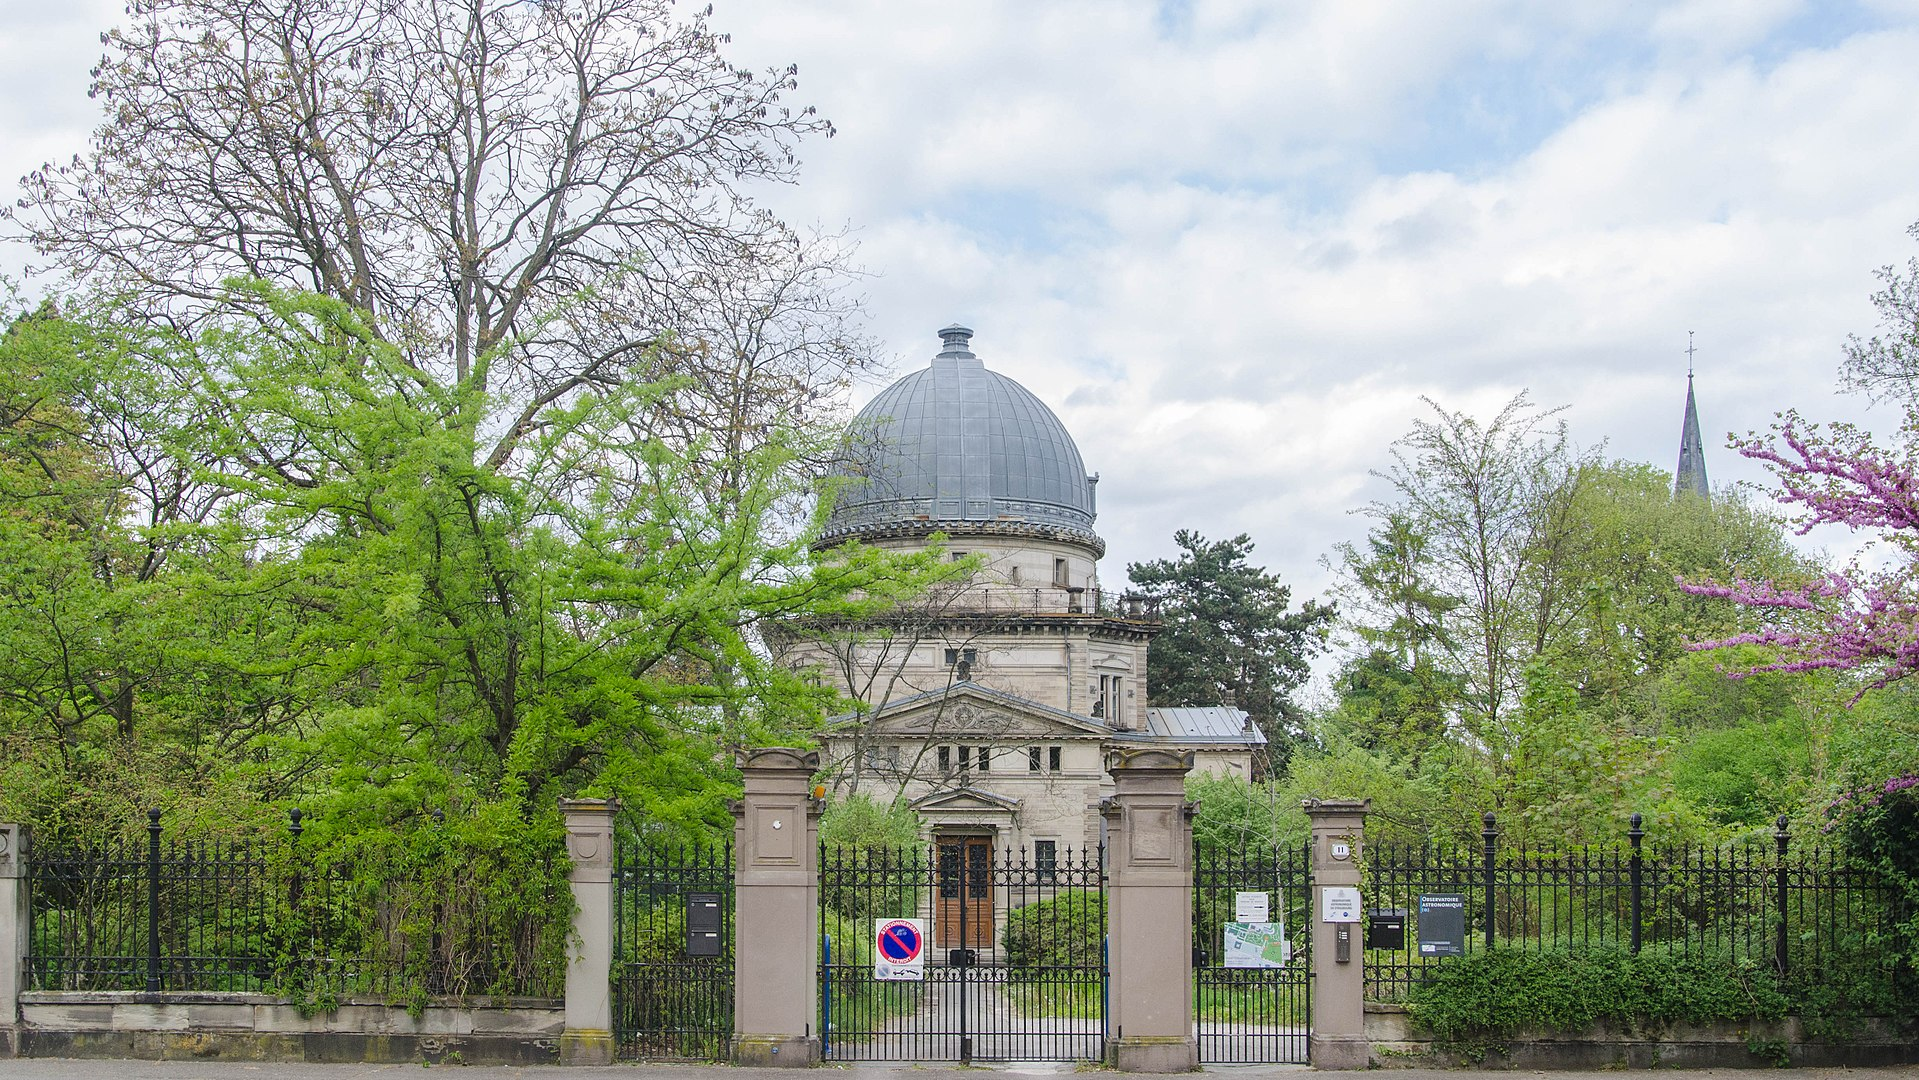 L'observatoire astronomique de Strasbourg (41534417322).jpg